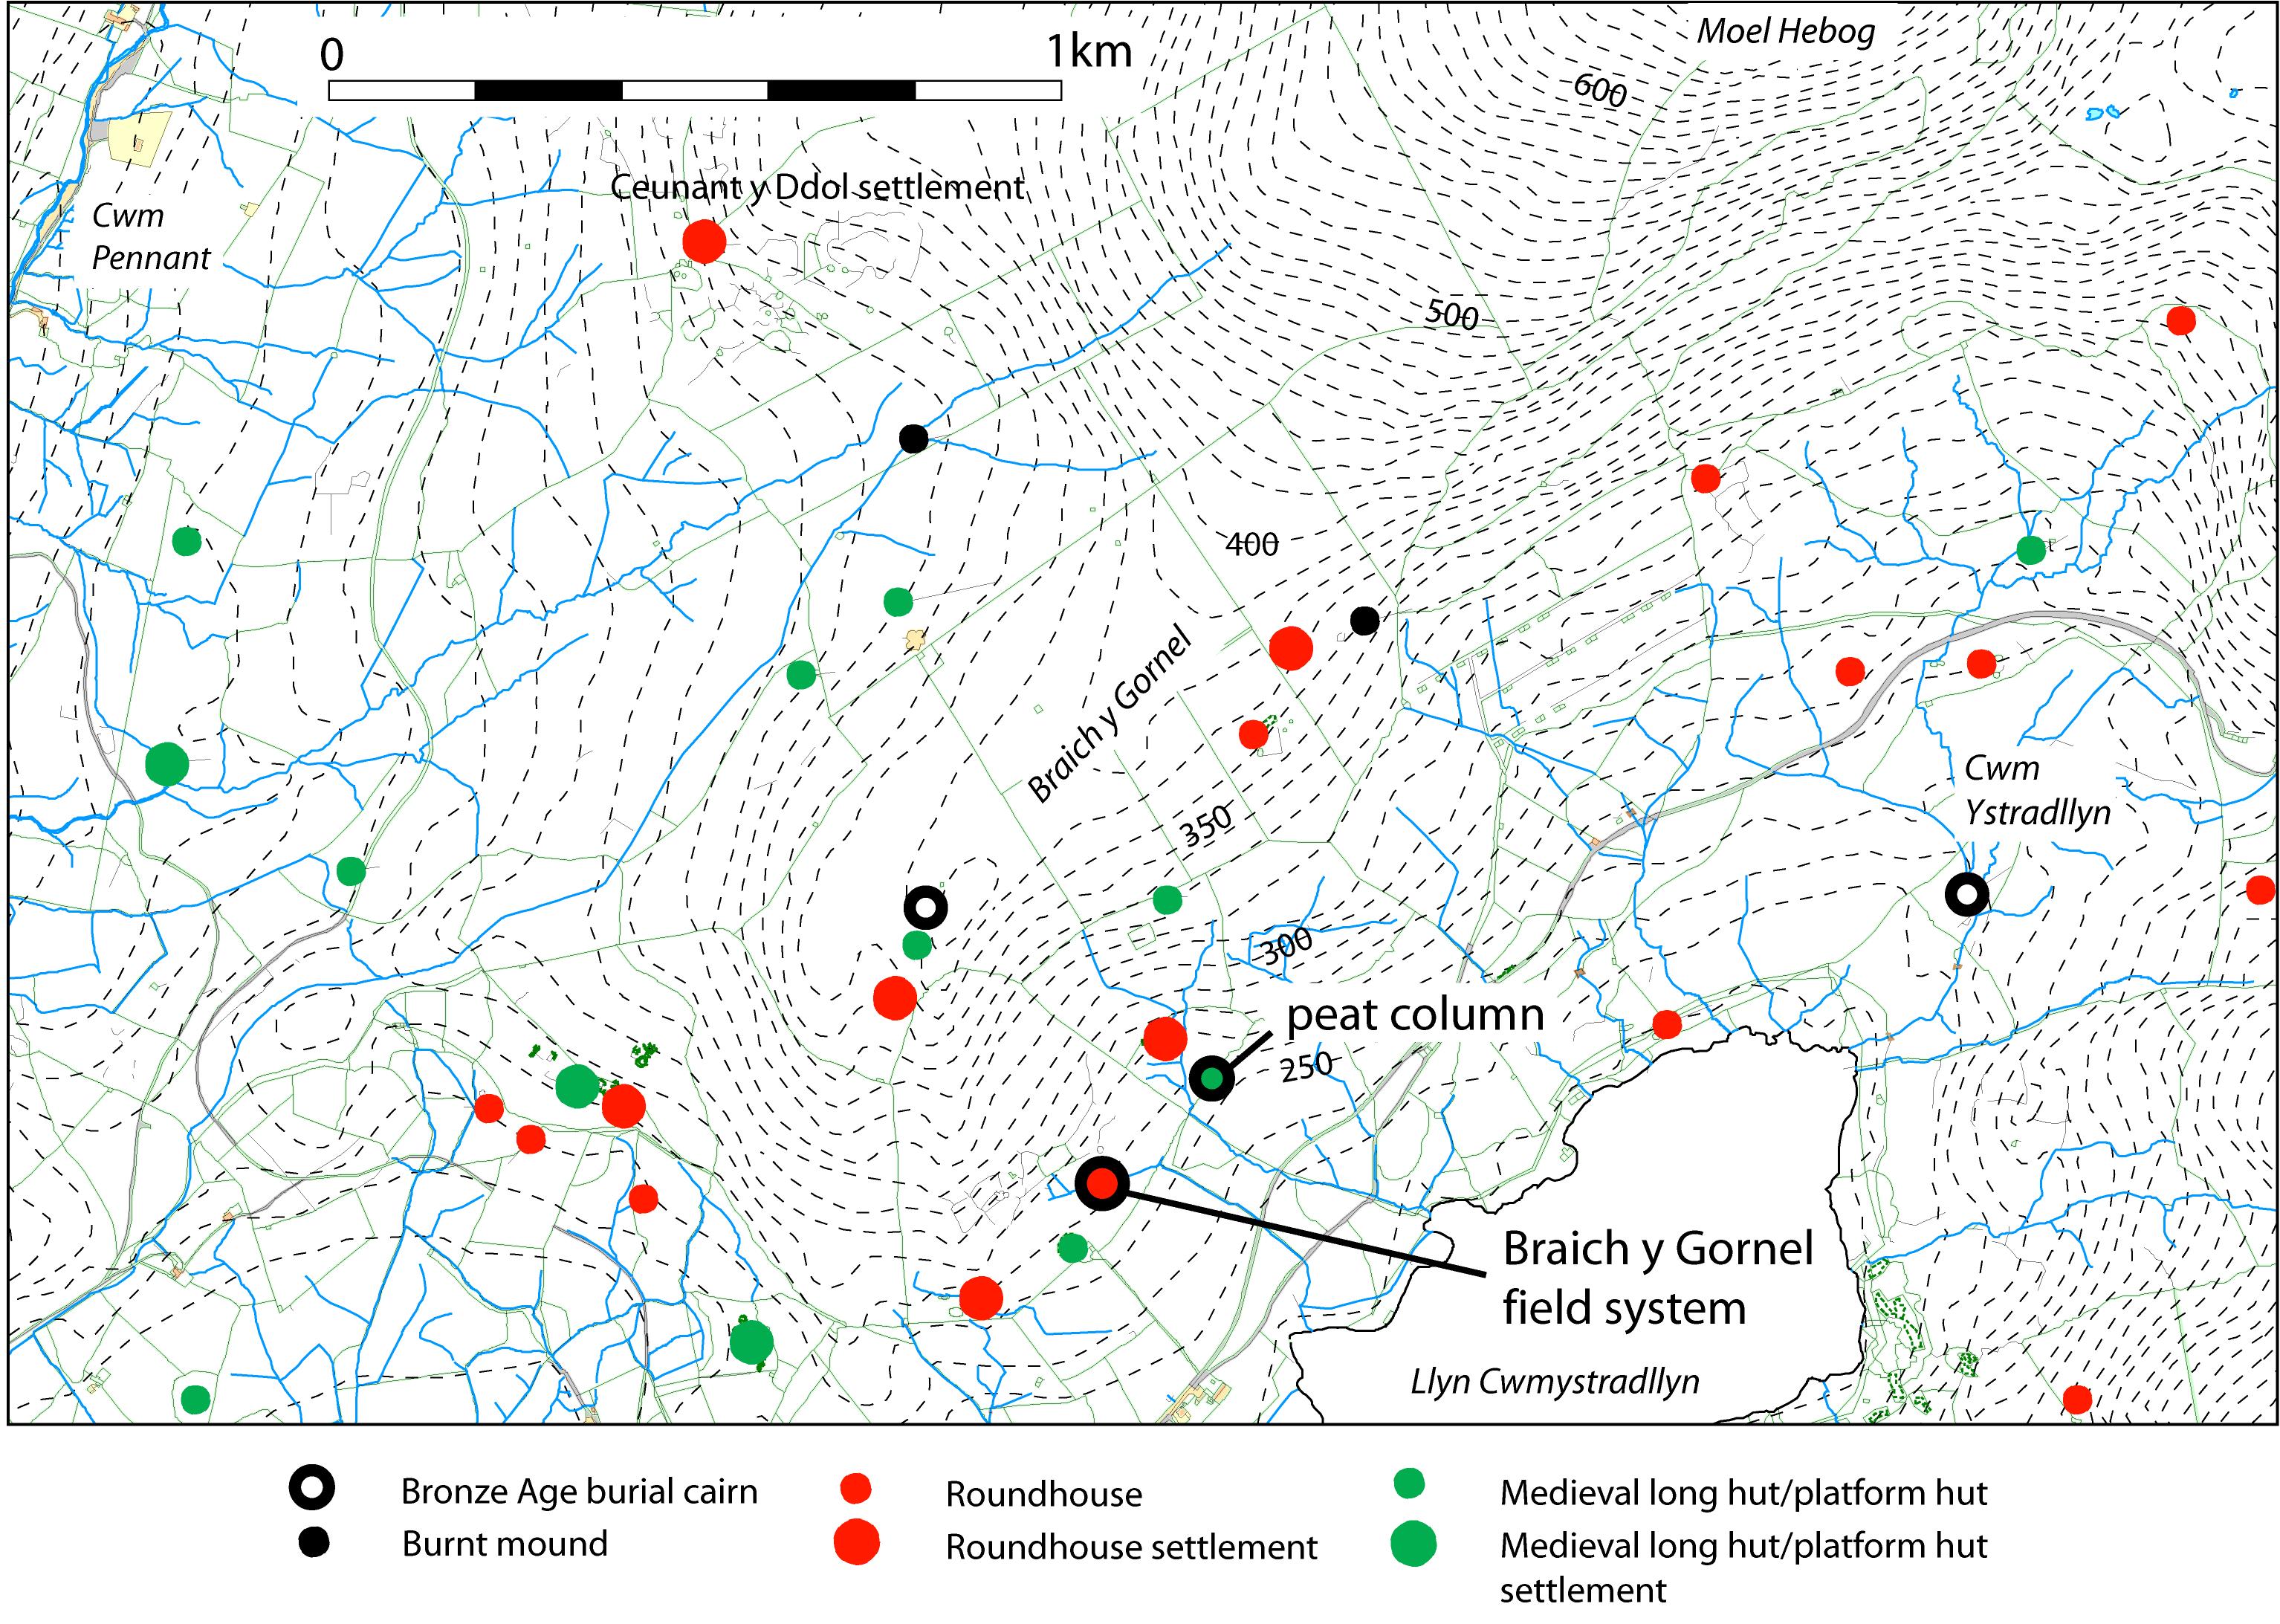 Case Study 2 : Braich y Gornel, Cwm Ystradllyn  Smith et al